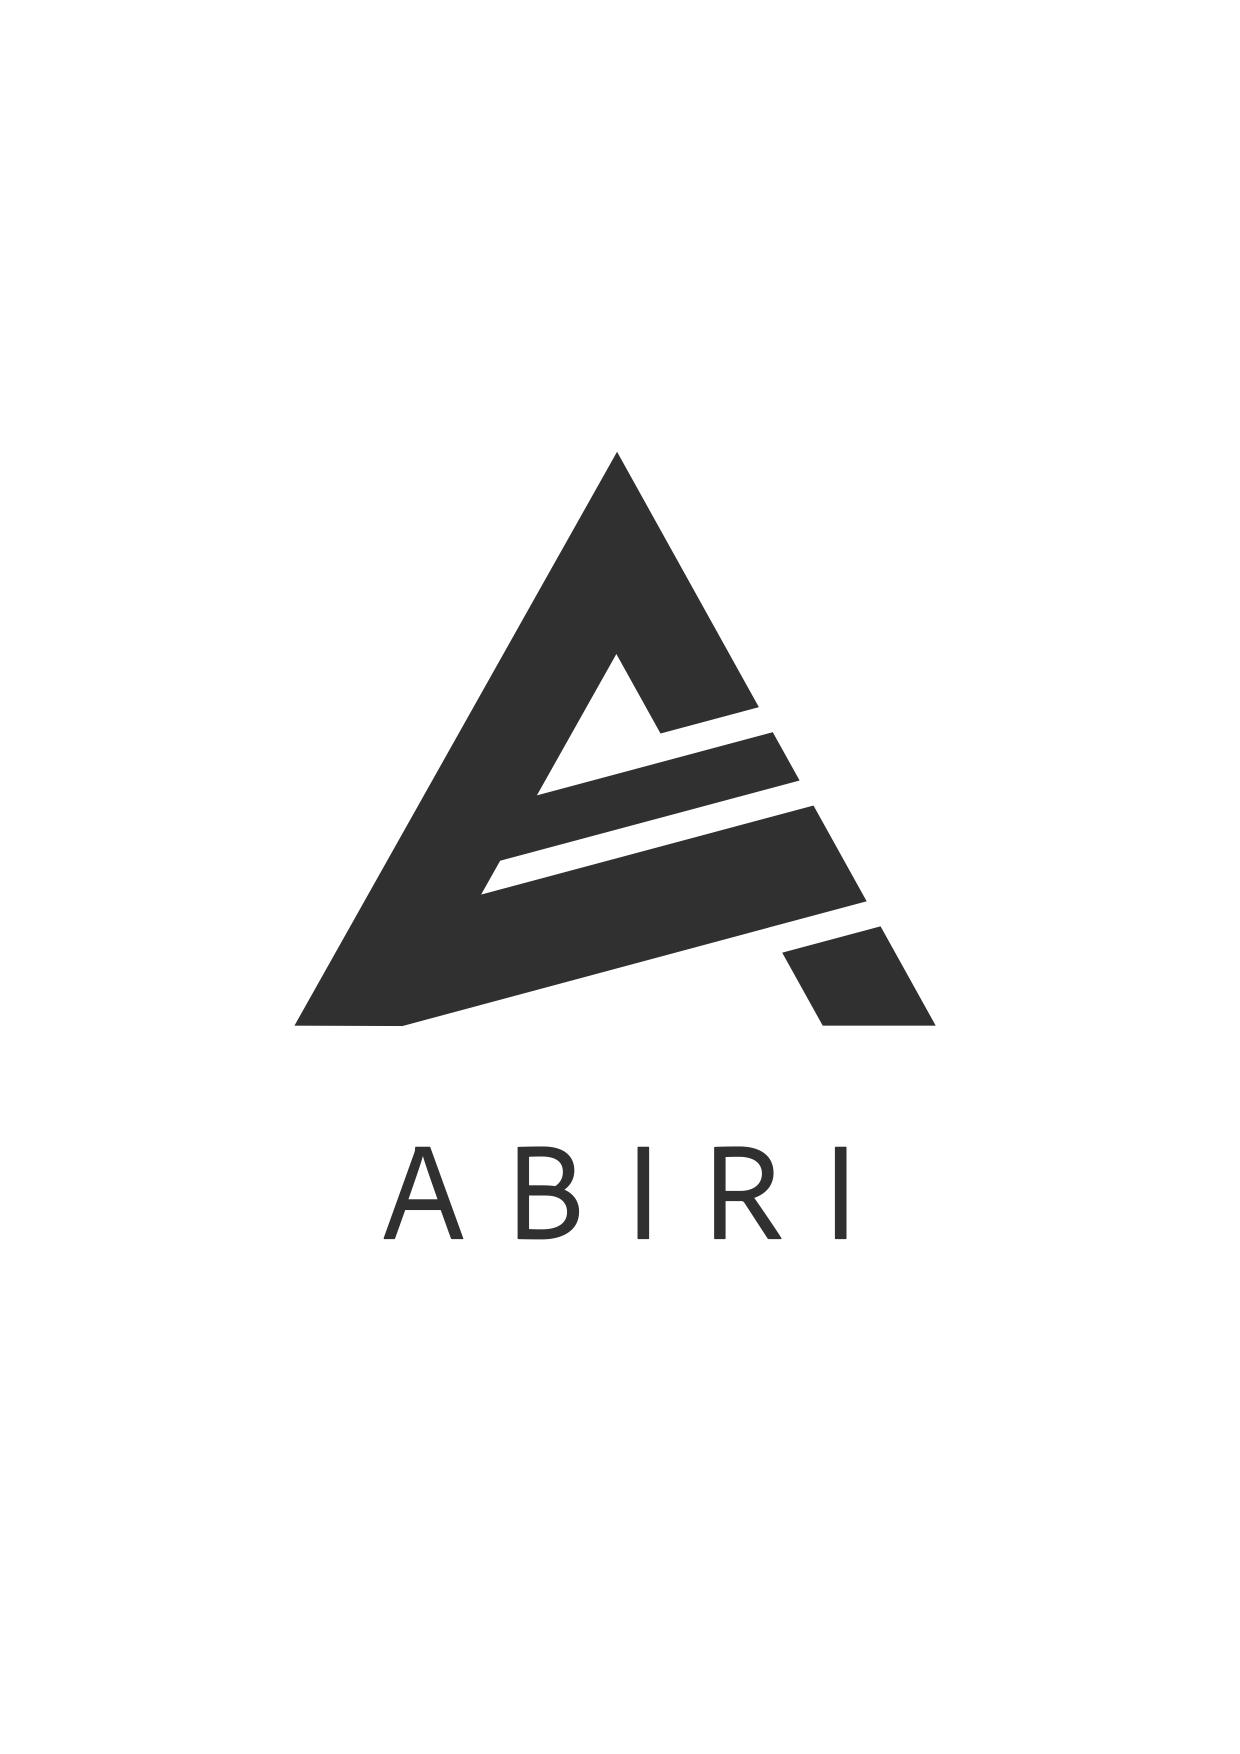 Abiri